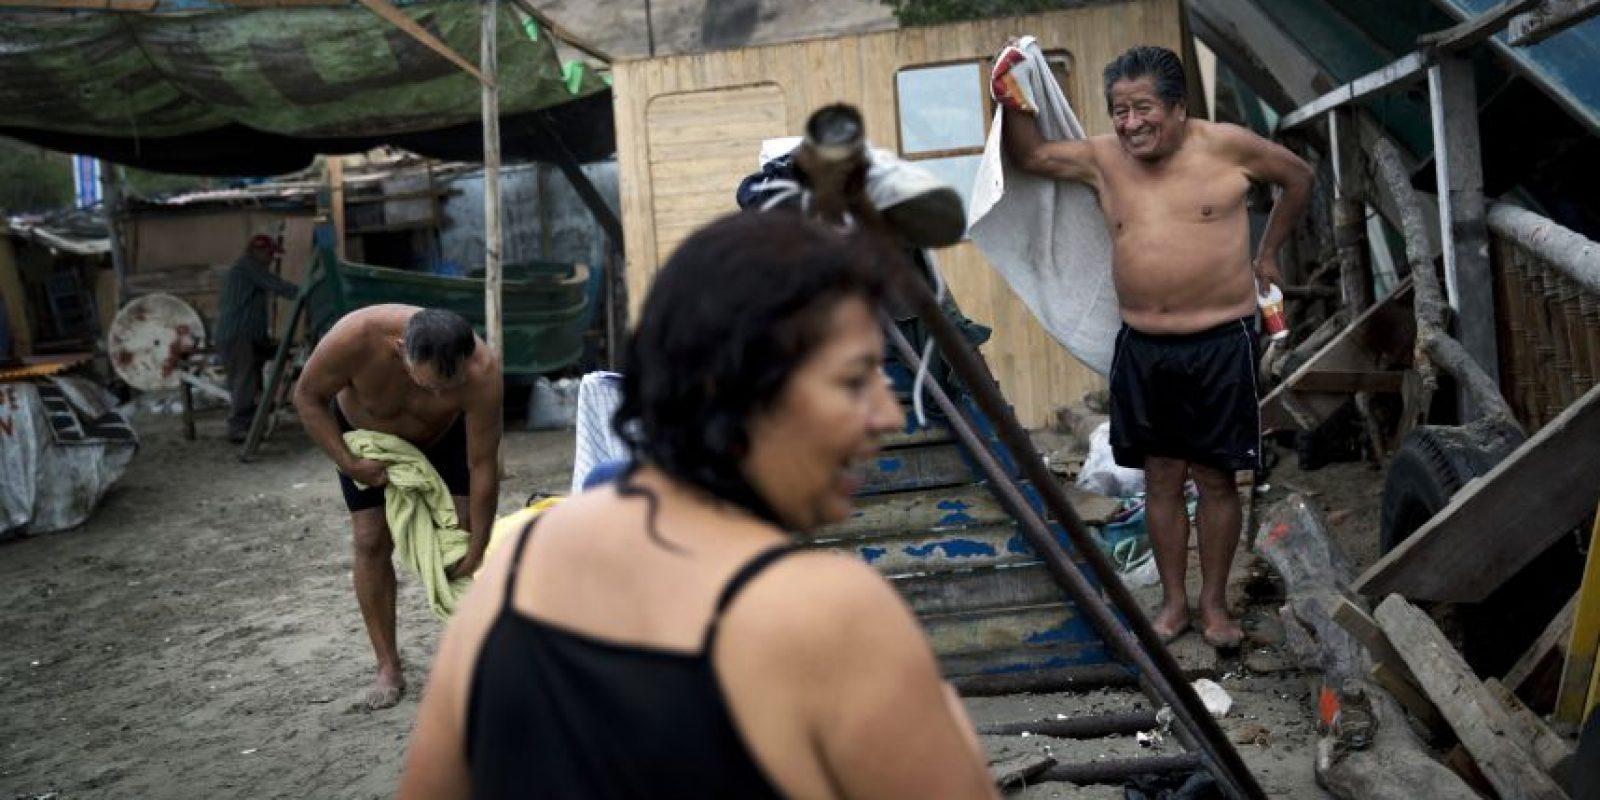 """En esta imagen, tomada el 13 de mayo de 2015, un grupo de personas se viste en la playa Pescadores tras bañarse en aguas del océano Pacífico en Lima, Perú. Bajo el cielo nublado de la capital, los bañistas practican talasoterapia, que deriva del griego """"thalasso"""" (""""mar"""") y se sumergen en las aguas oceánicas con propiedades curativas. Foto:AP/ Rodrigo Abd"""